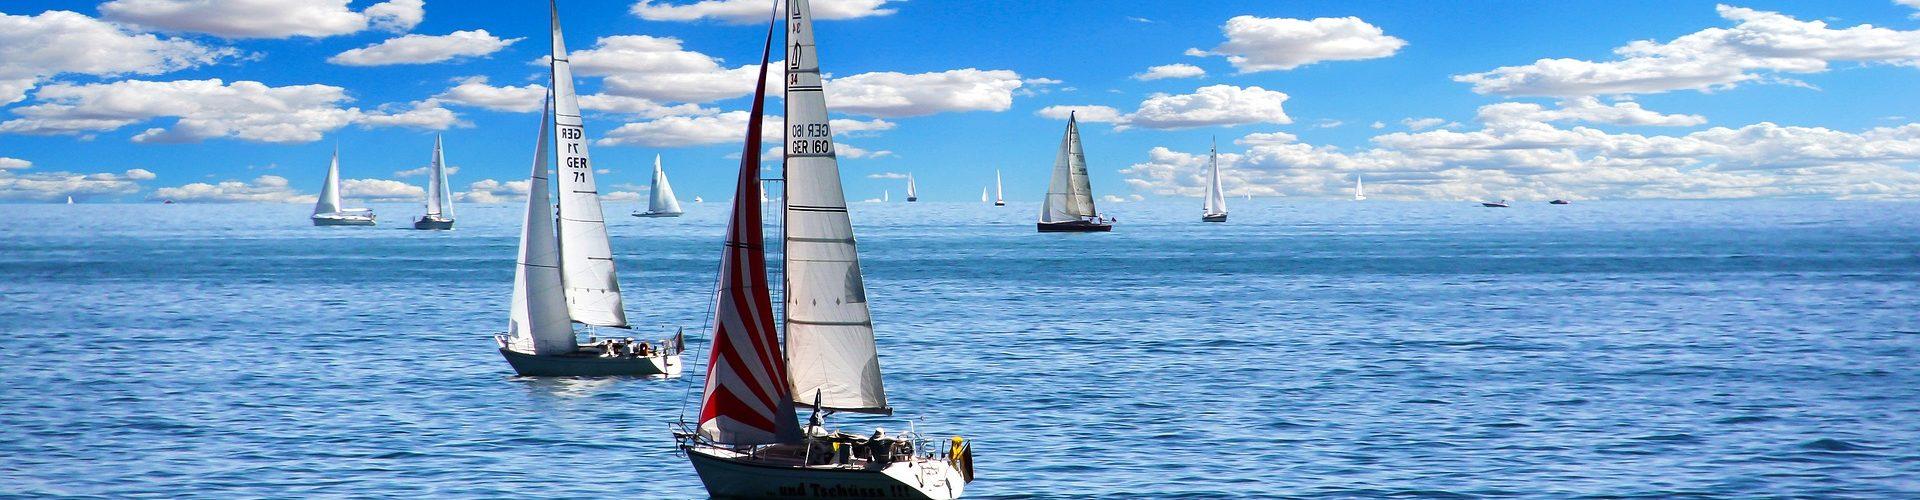 segeln lernen in Merzig segelschein machen in Merzig 1920x500 - Segeln lernen in Merzig